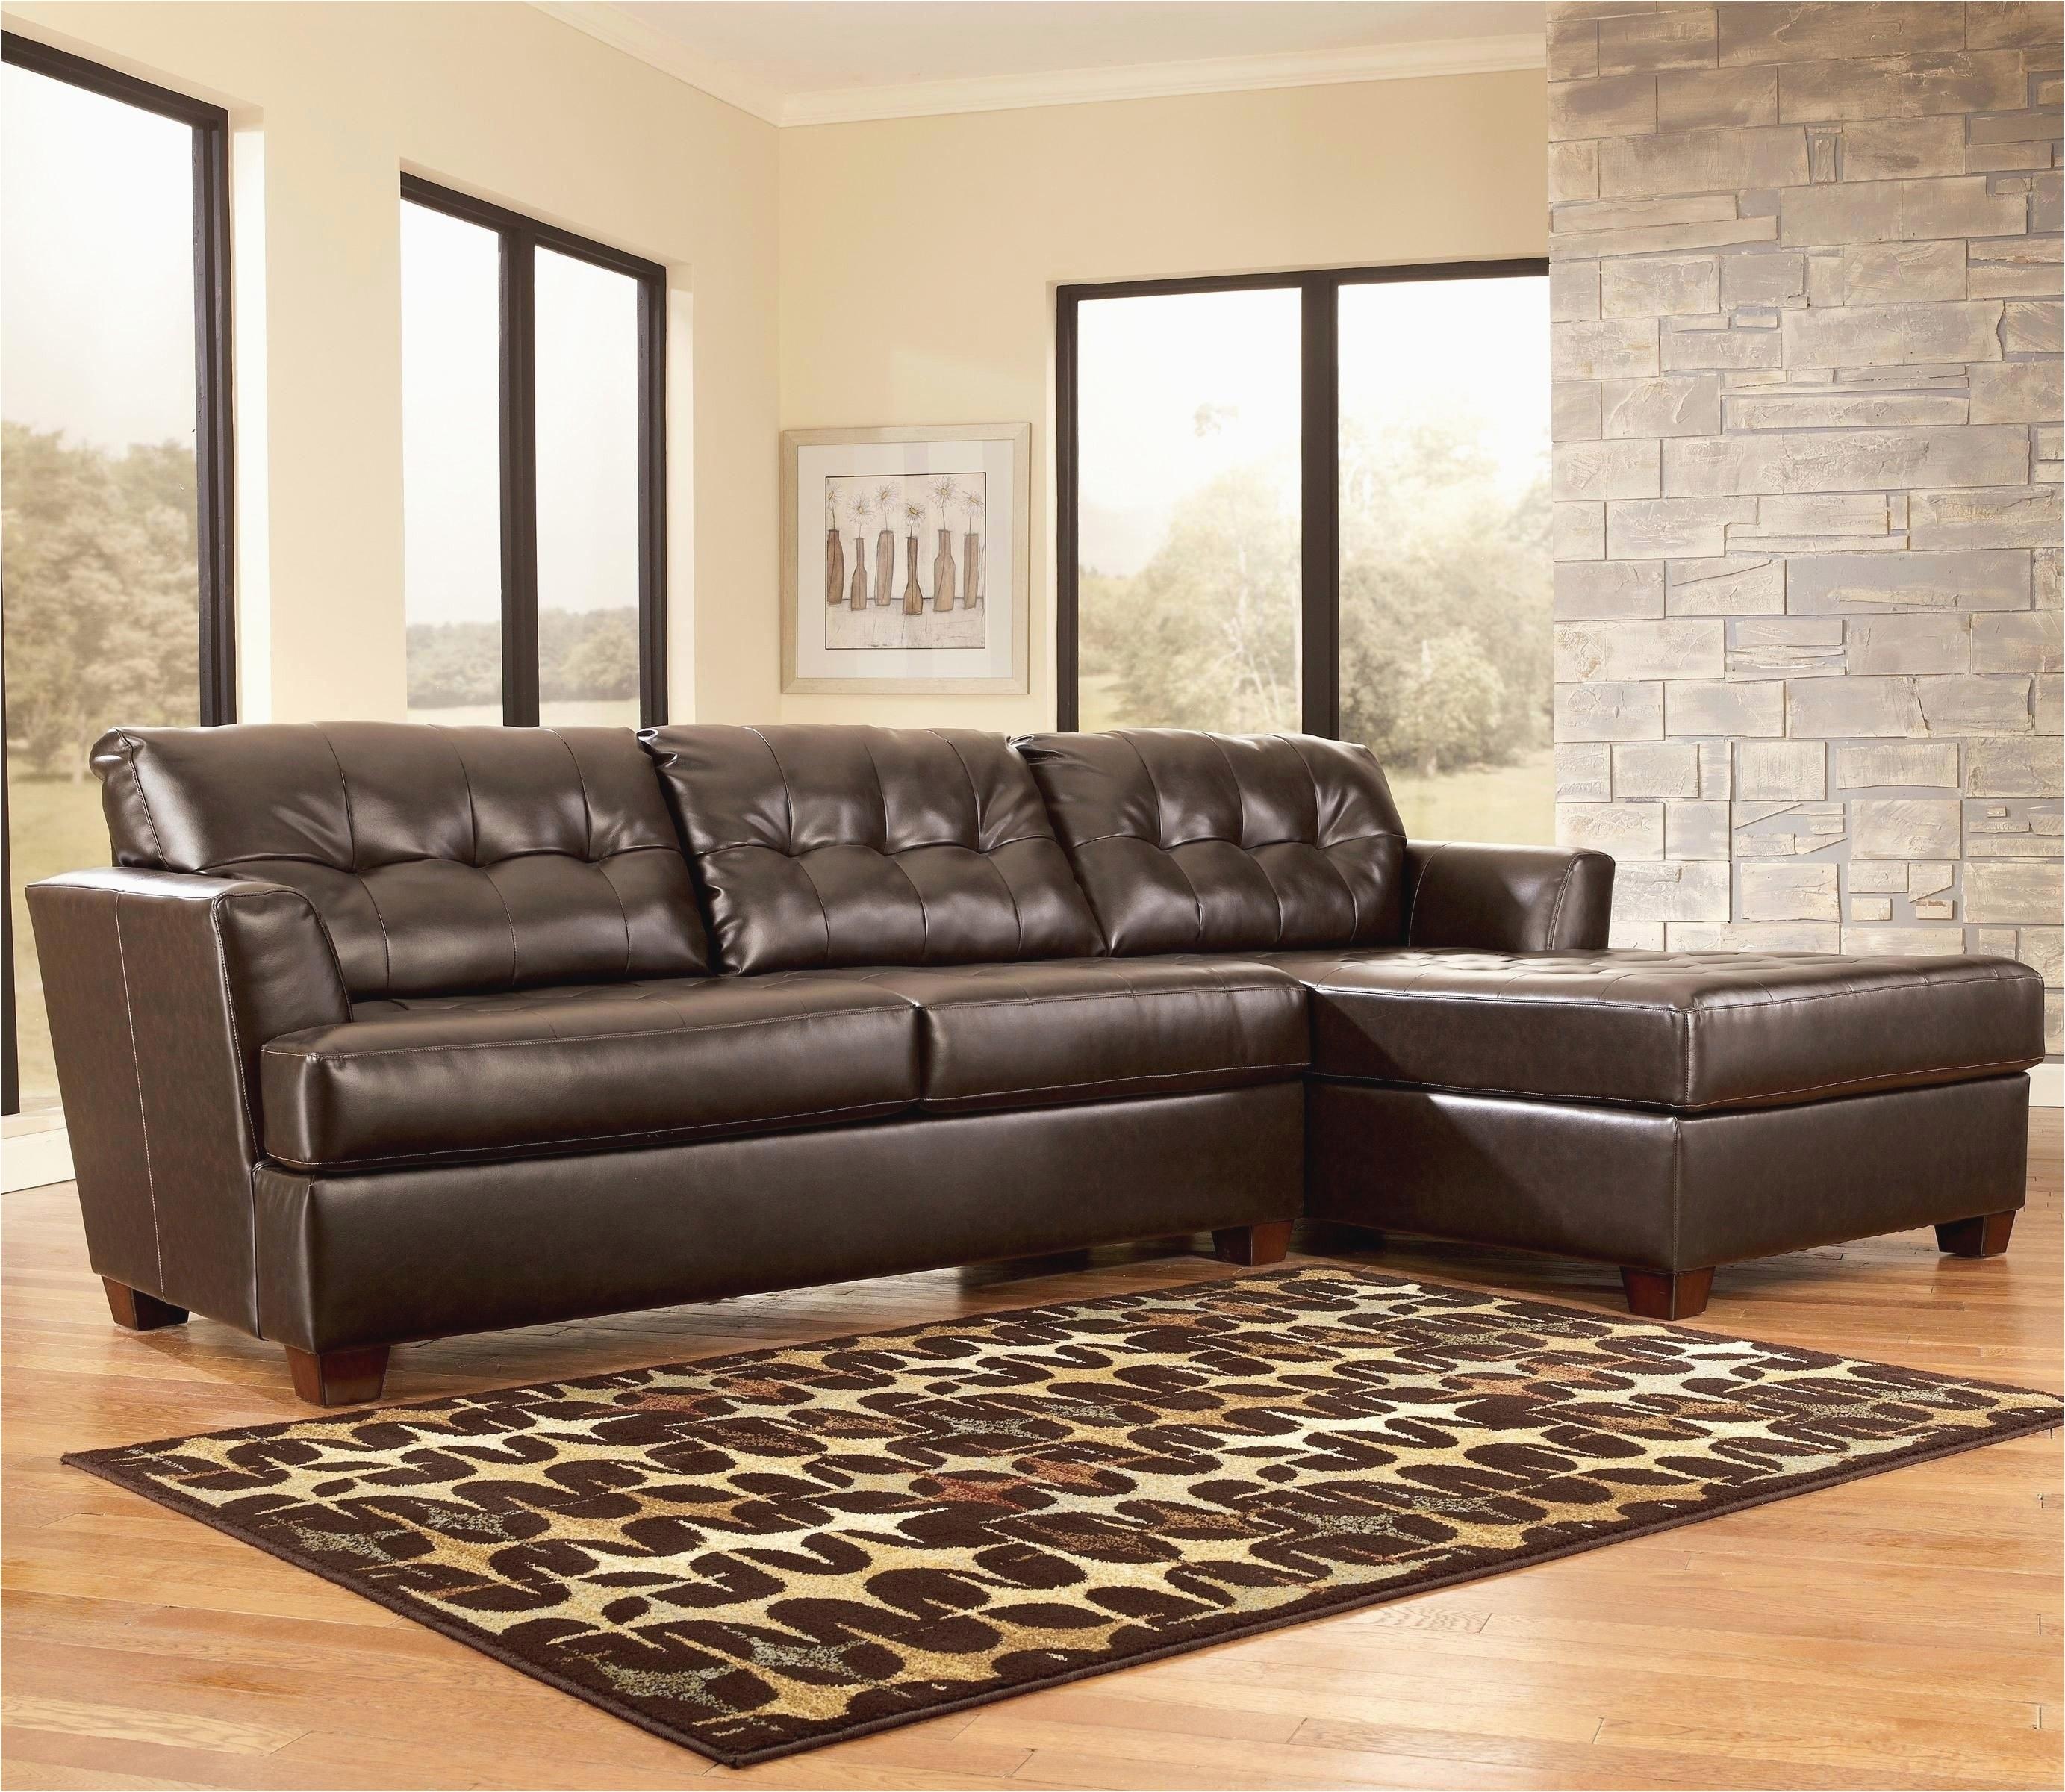 Www.ashley Furniture 32 Beautiful Of Www ashley Home Furniture Pics Home Furniture Ideas